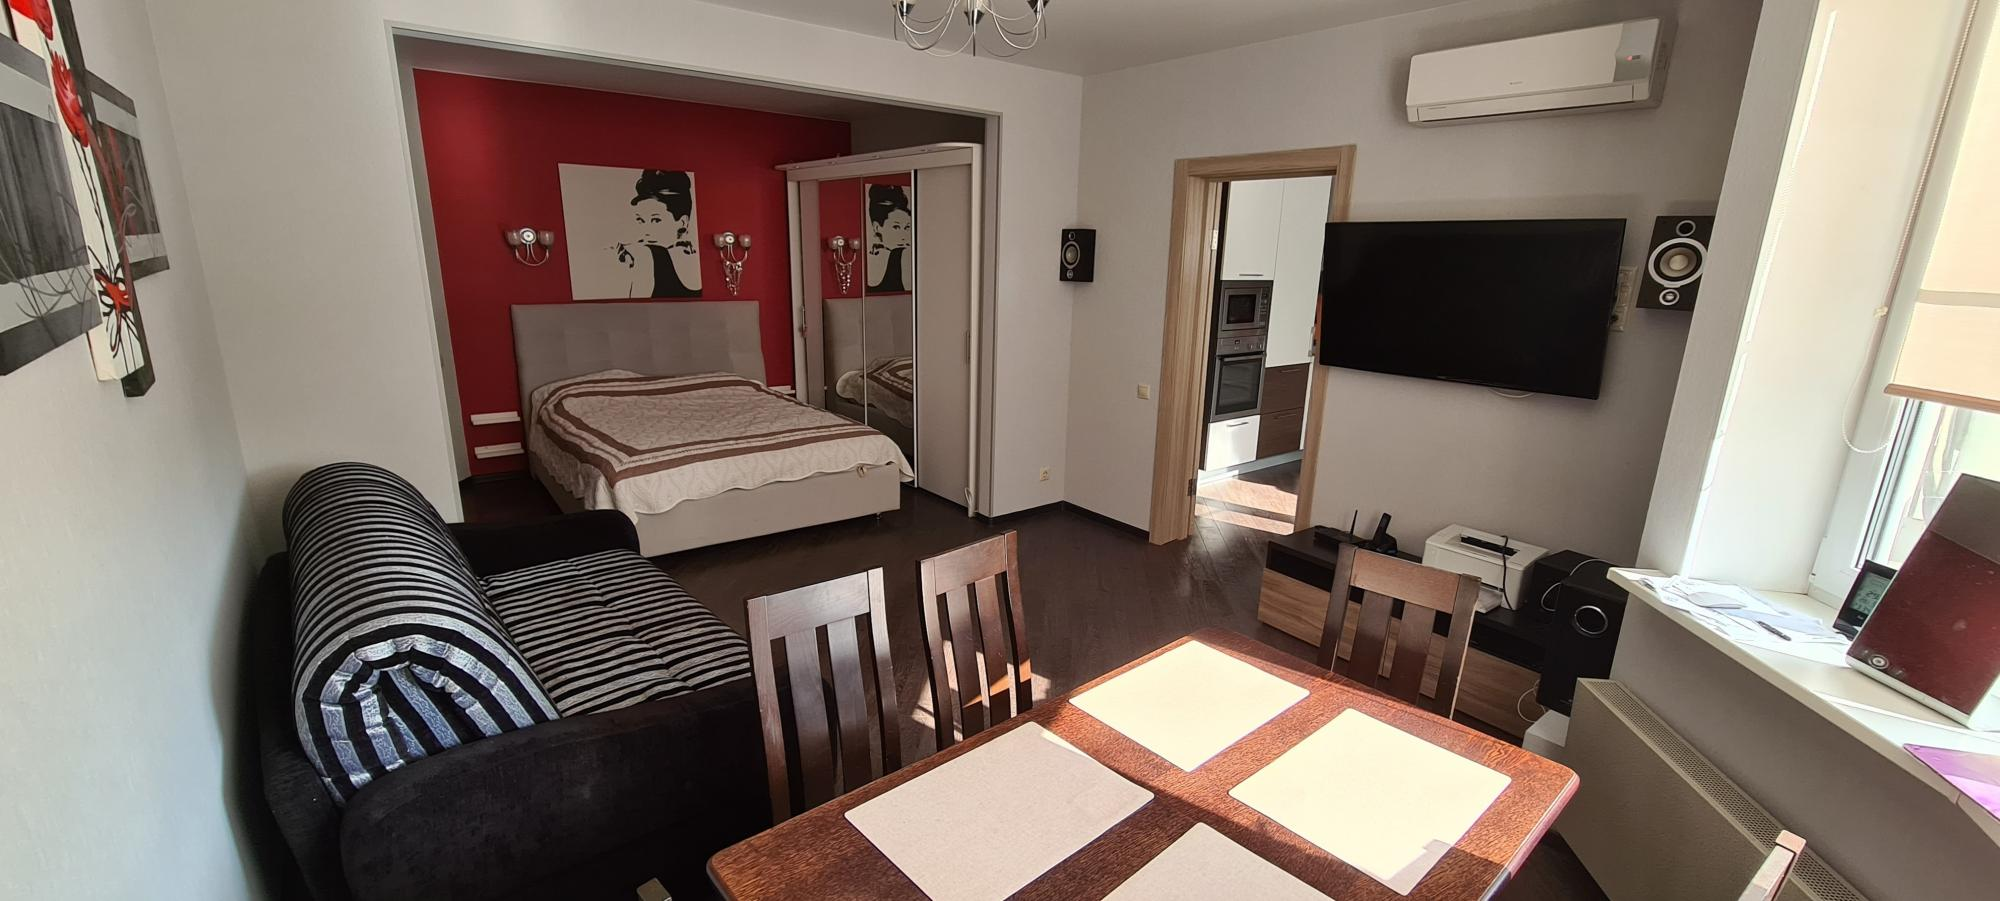 Квартира, 3 комнаты, 96 м² в Москве 89154177177 купить 1